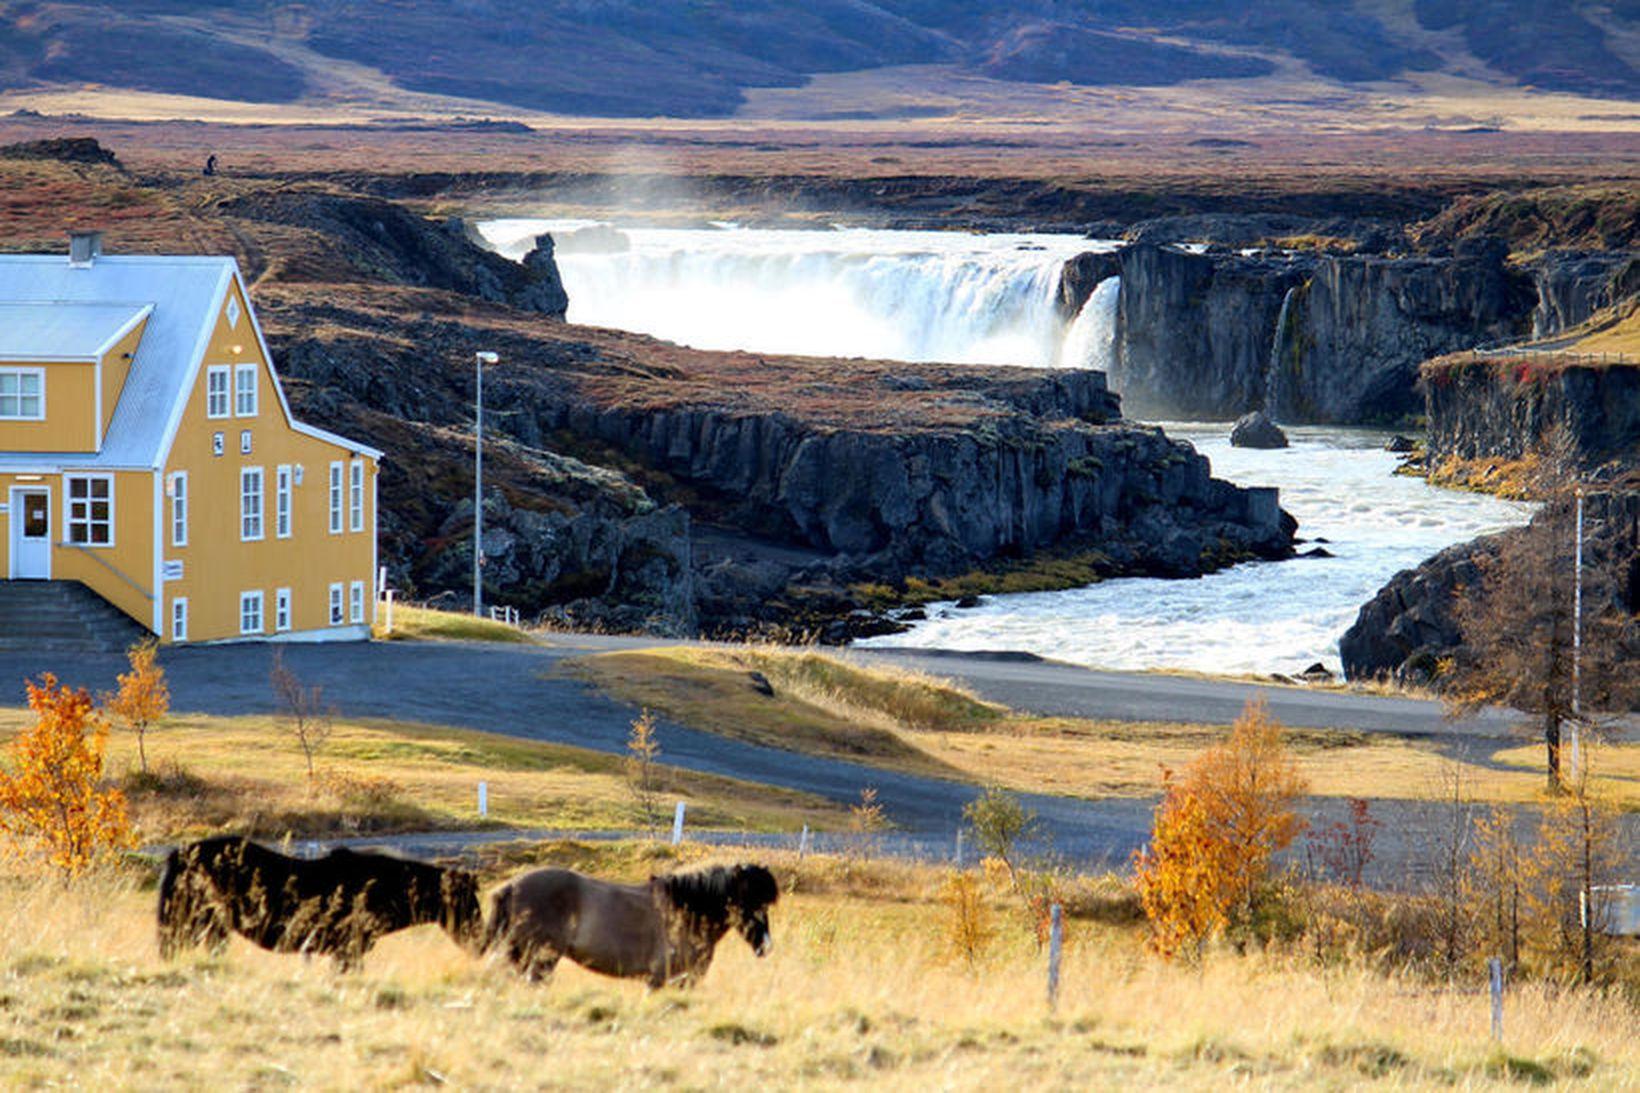 Fosshóll stendur á gilbarmi Skjálfandafljóts, rétt hjá Goðafossi.